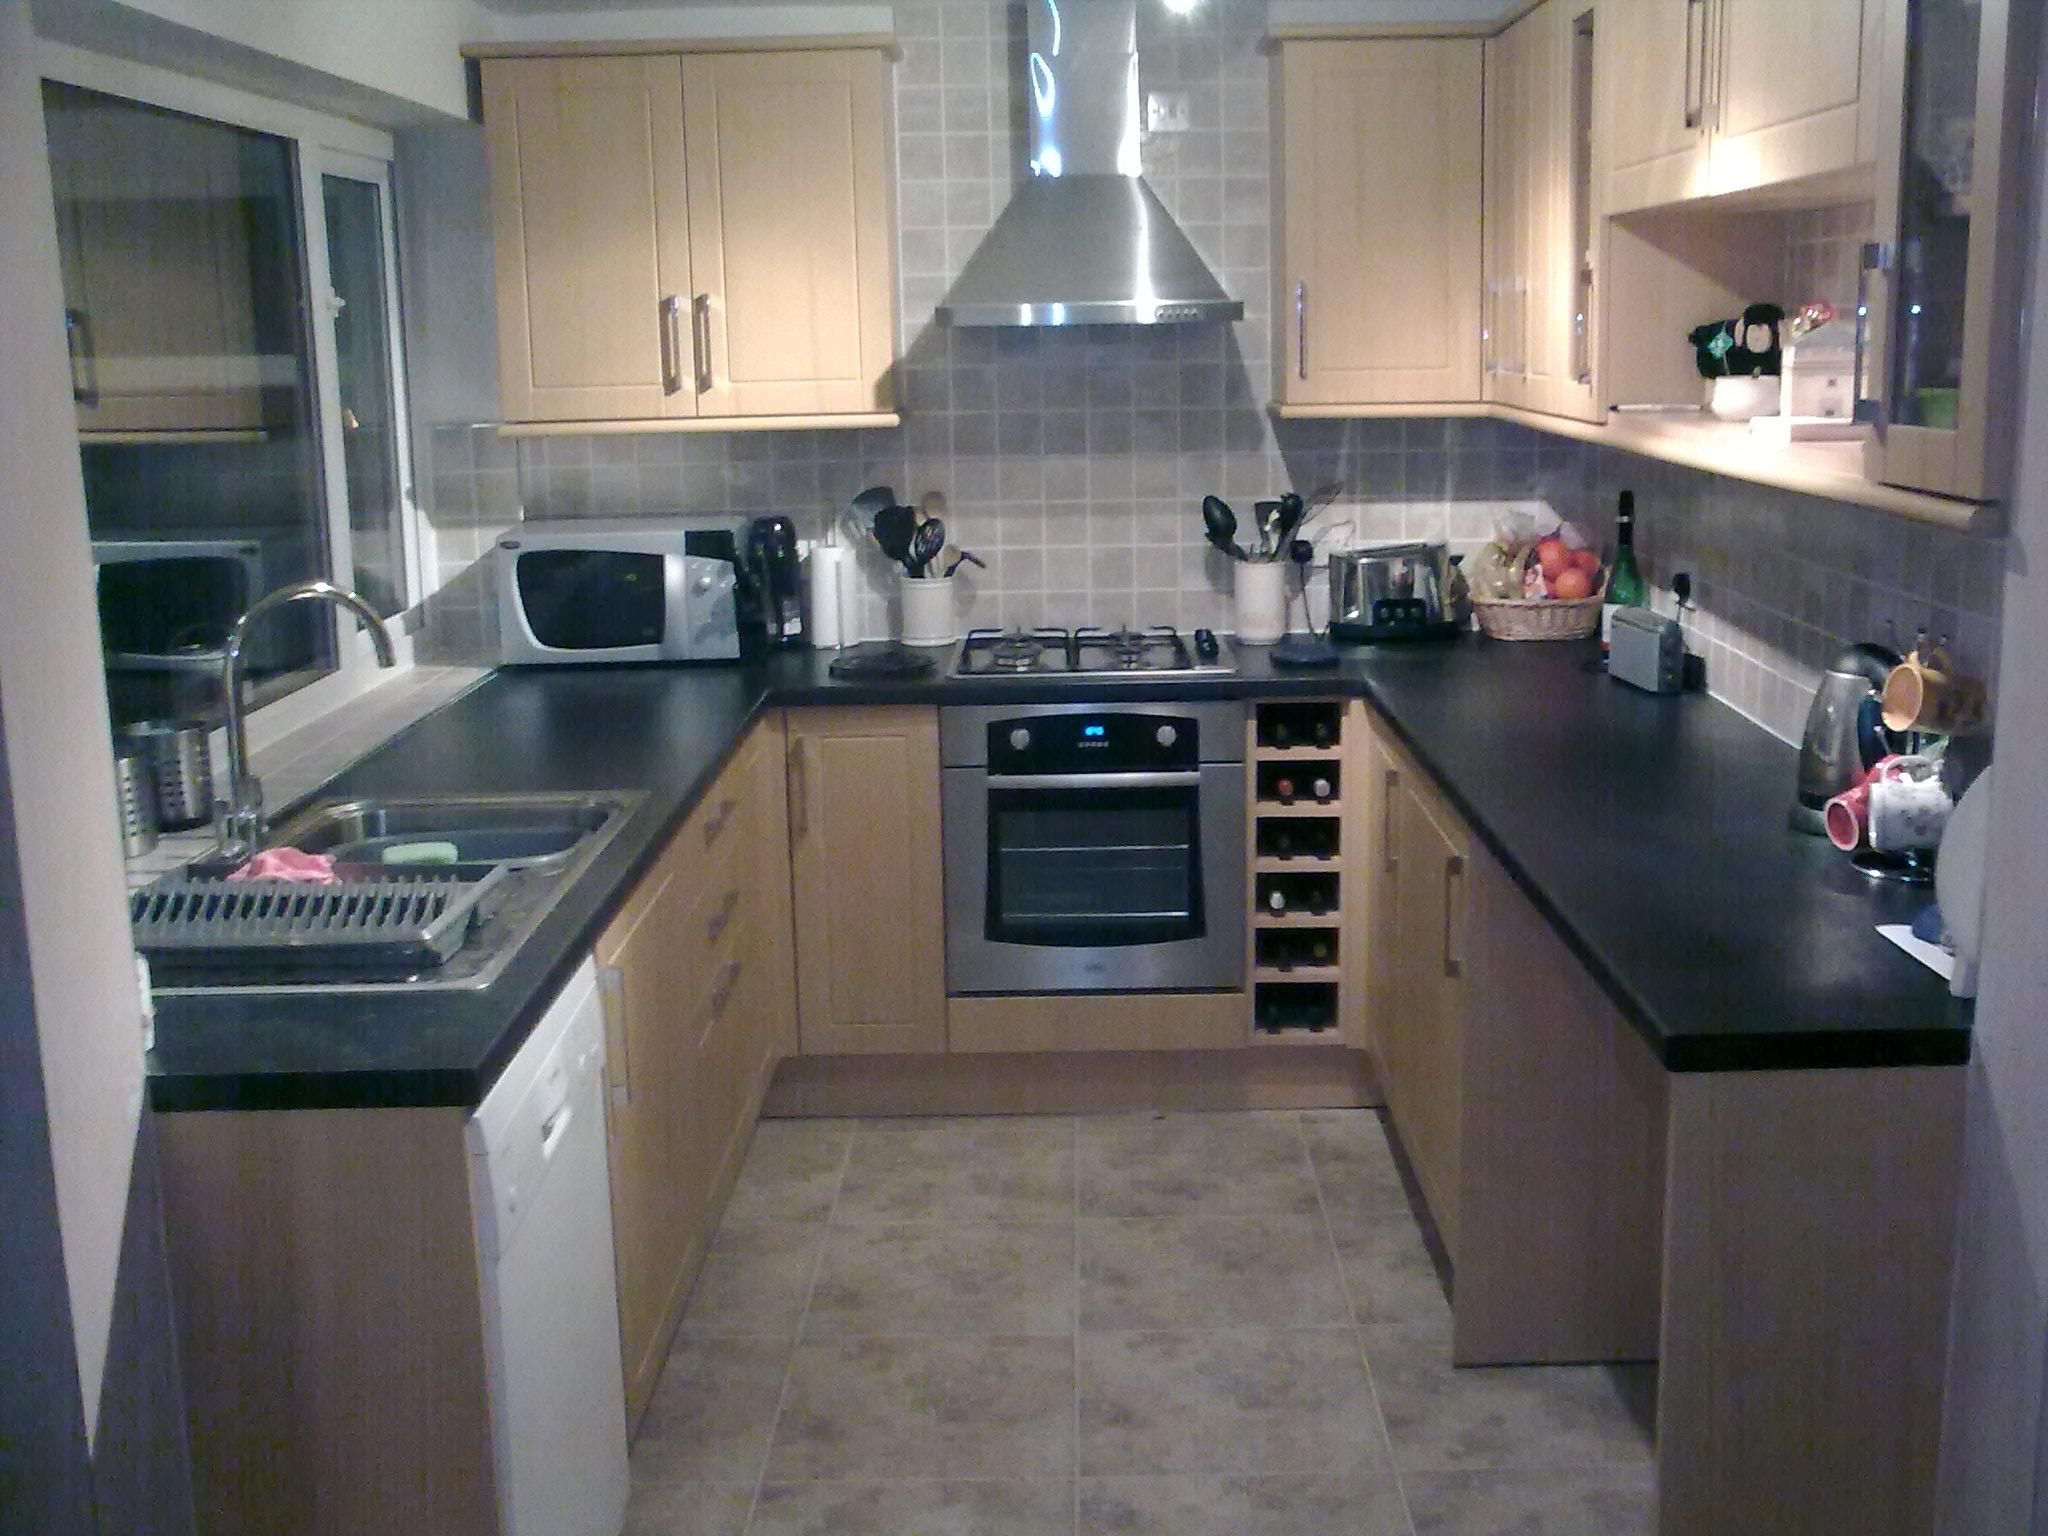 u shaped kitchen small photo - 9